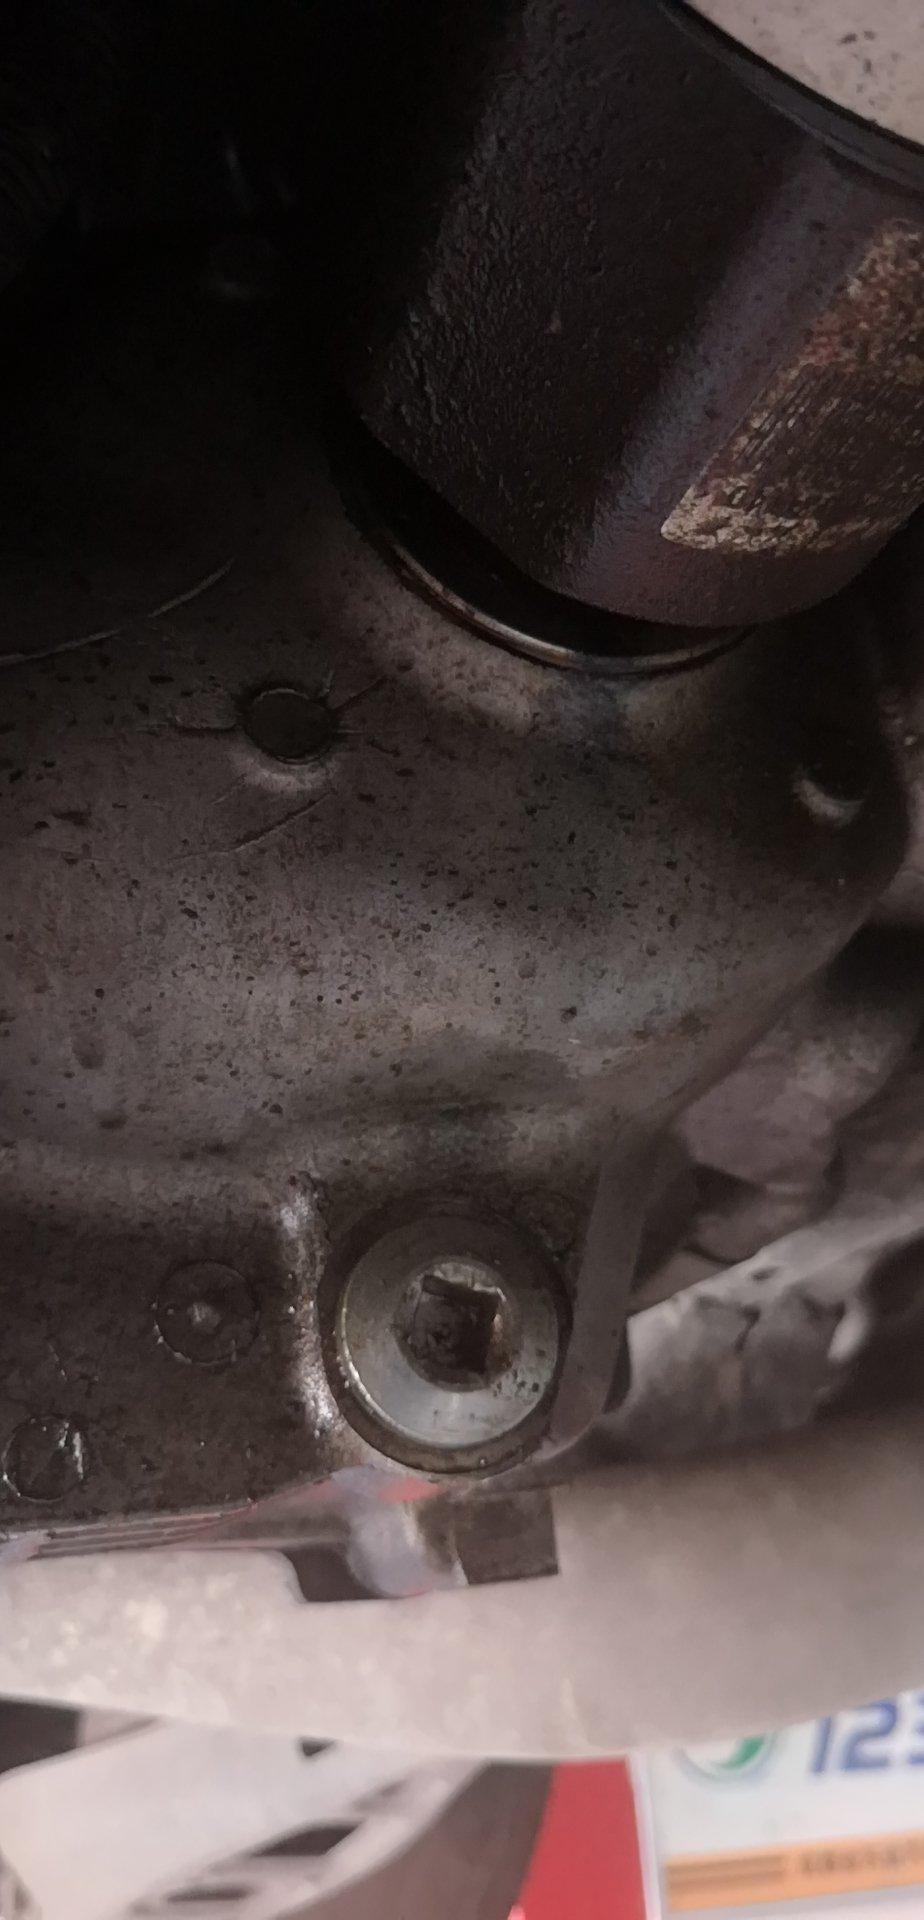 上汽通用-昂科威 差速器油封漏油